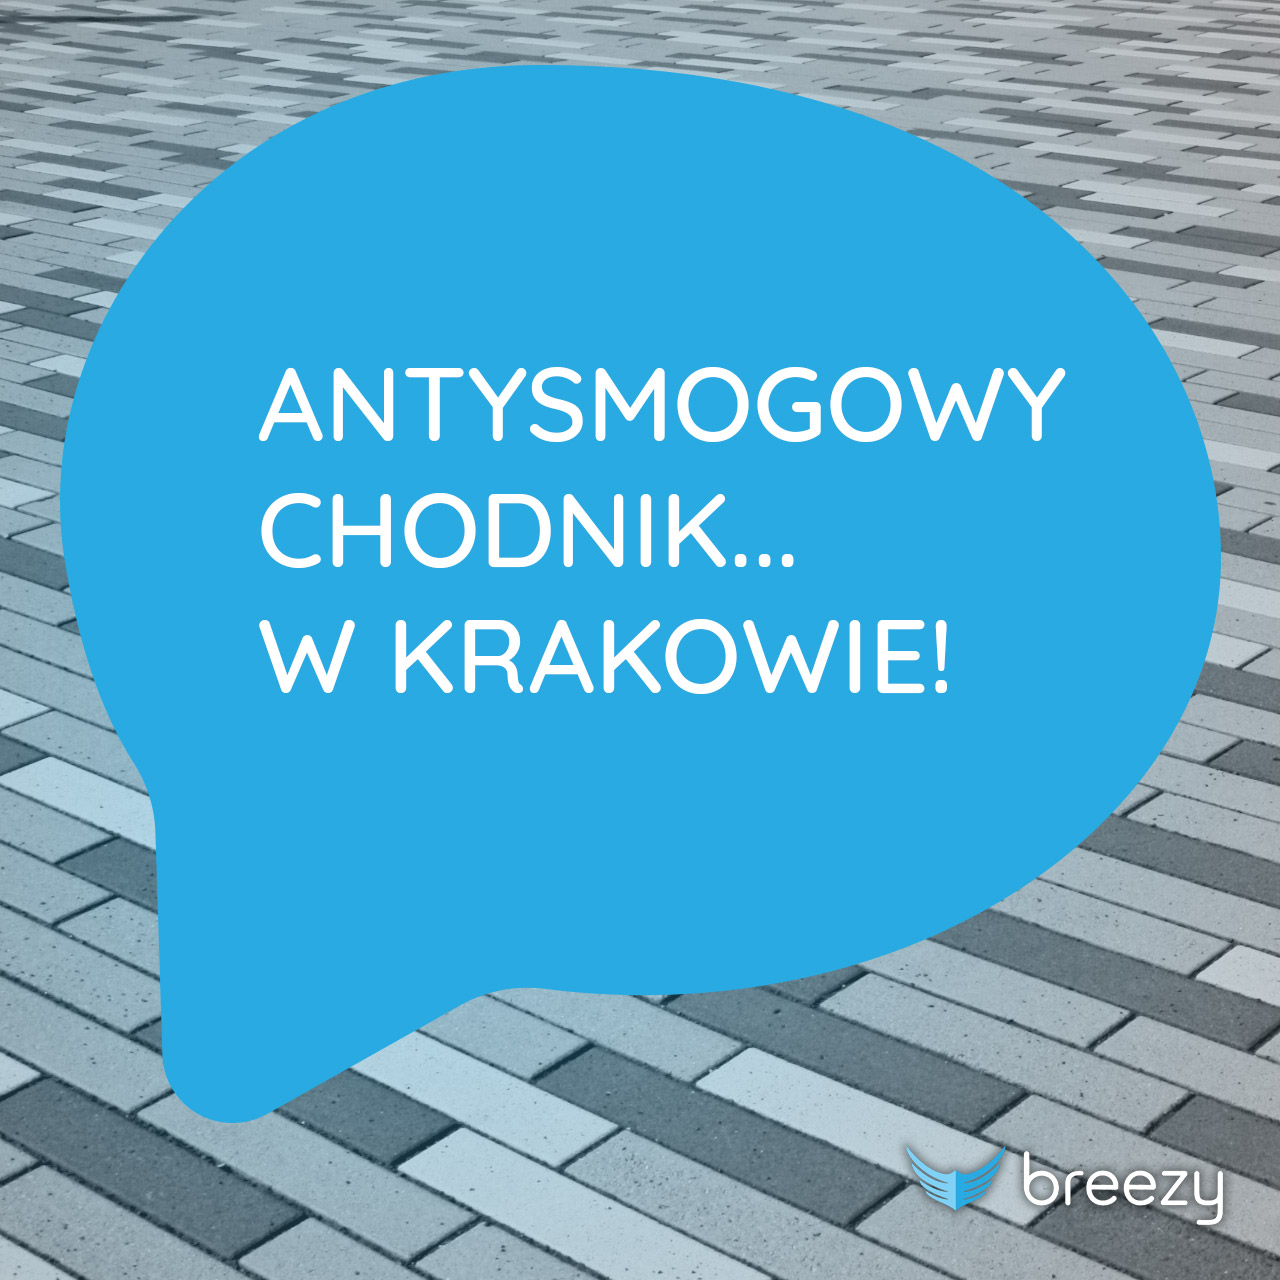 Antysmogowy chodnik w Krakowie!